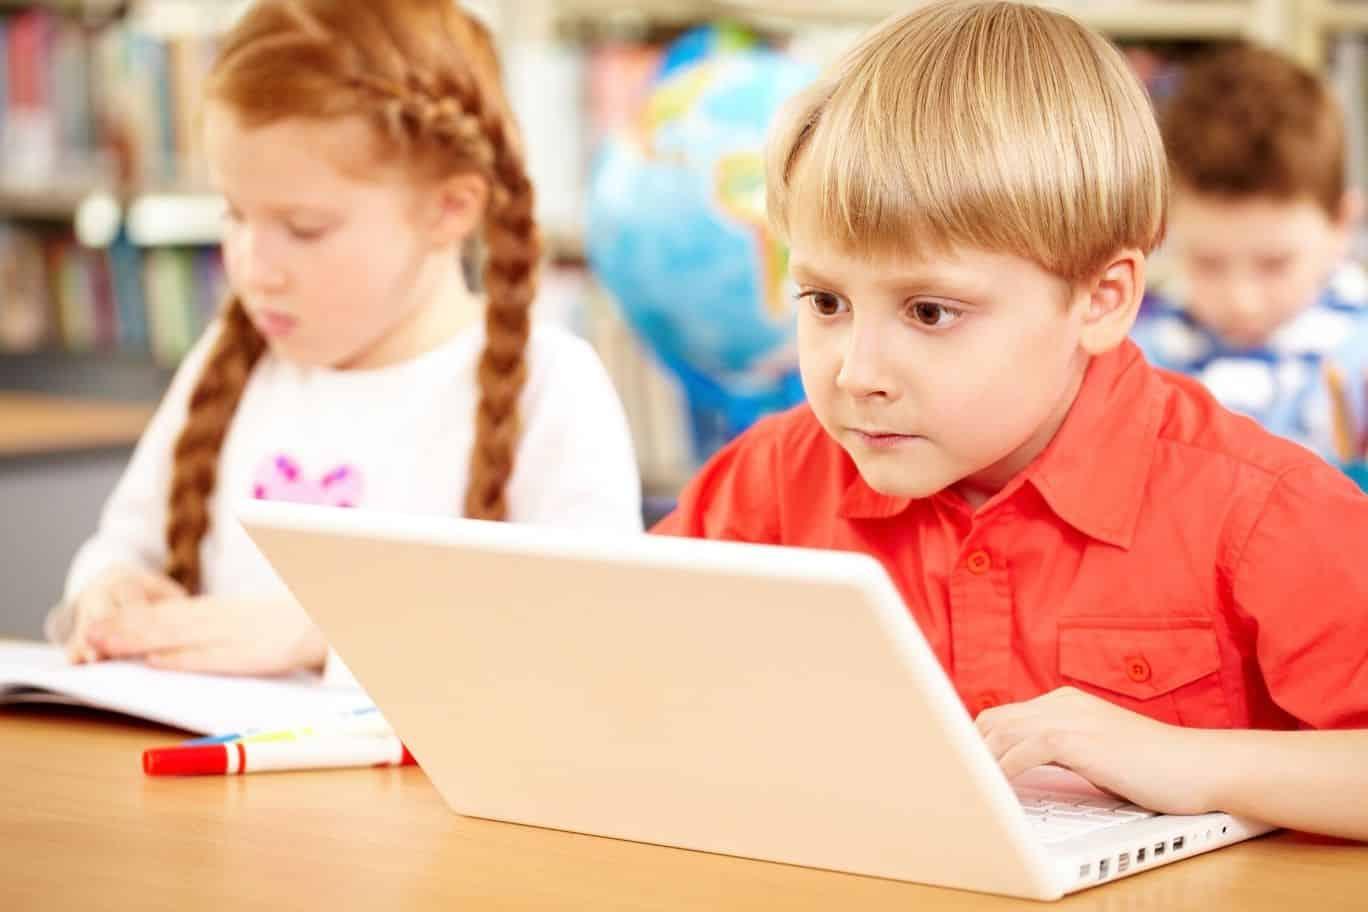 Junge sitzt in der Schule vor dem laptop und guckt Poetry-slam-video - Titelbild besten Texte